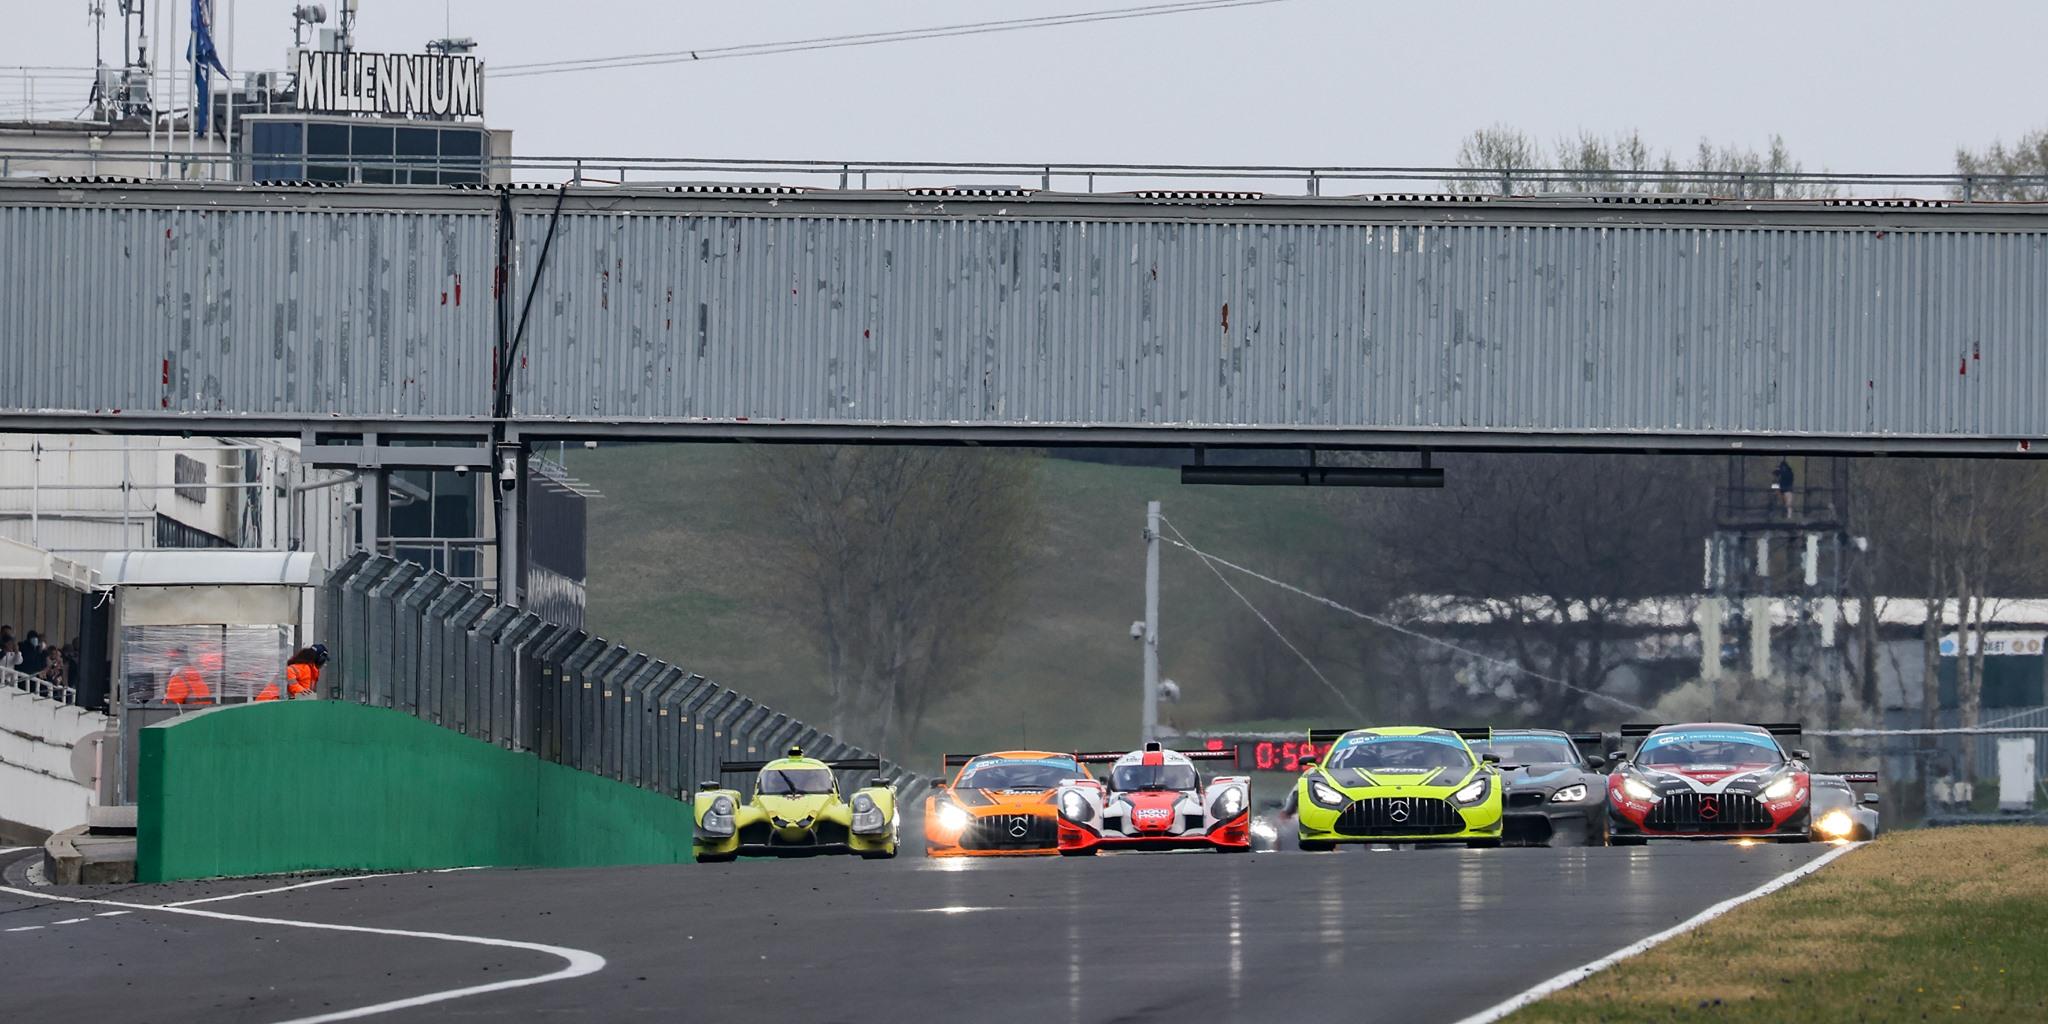 Slovenské GT závody slibují napínavou podívanou na několika frontách